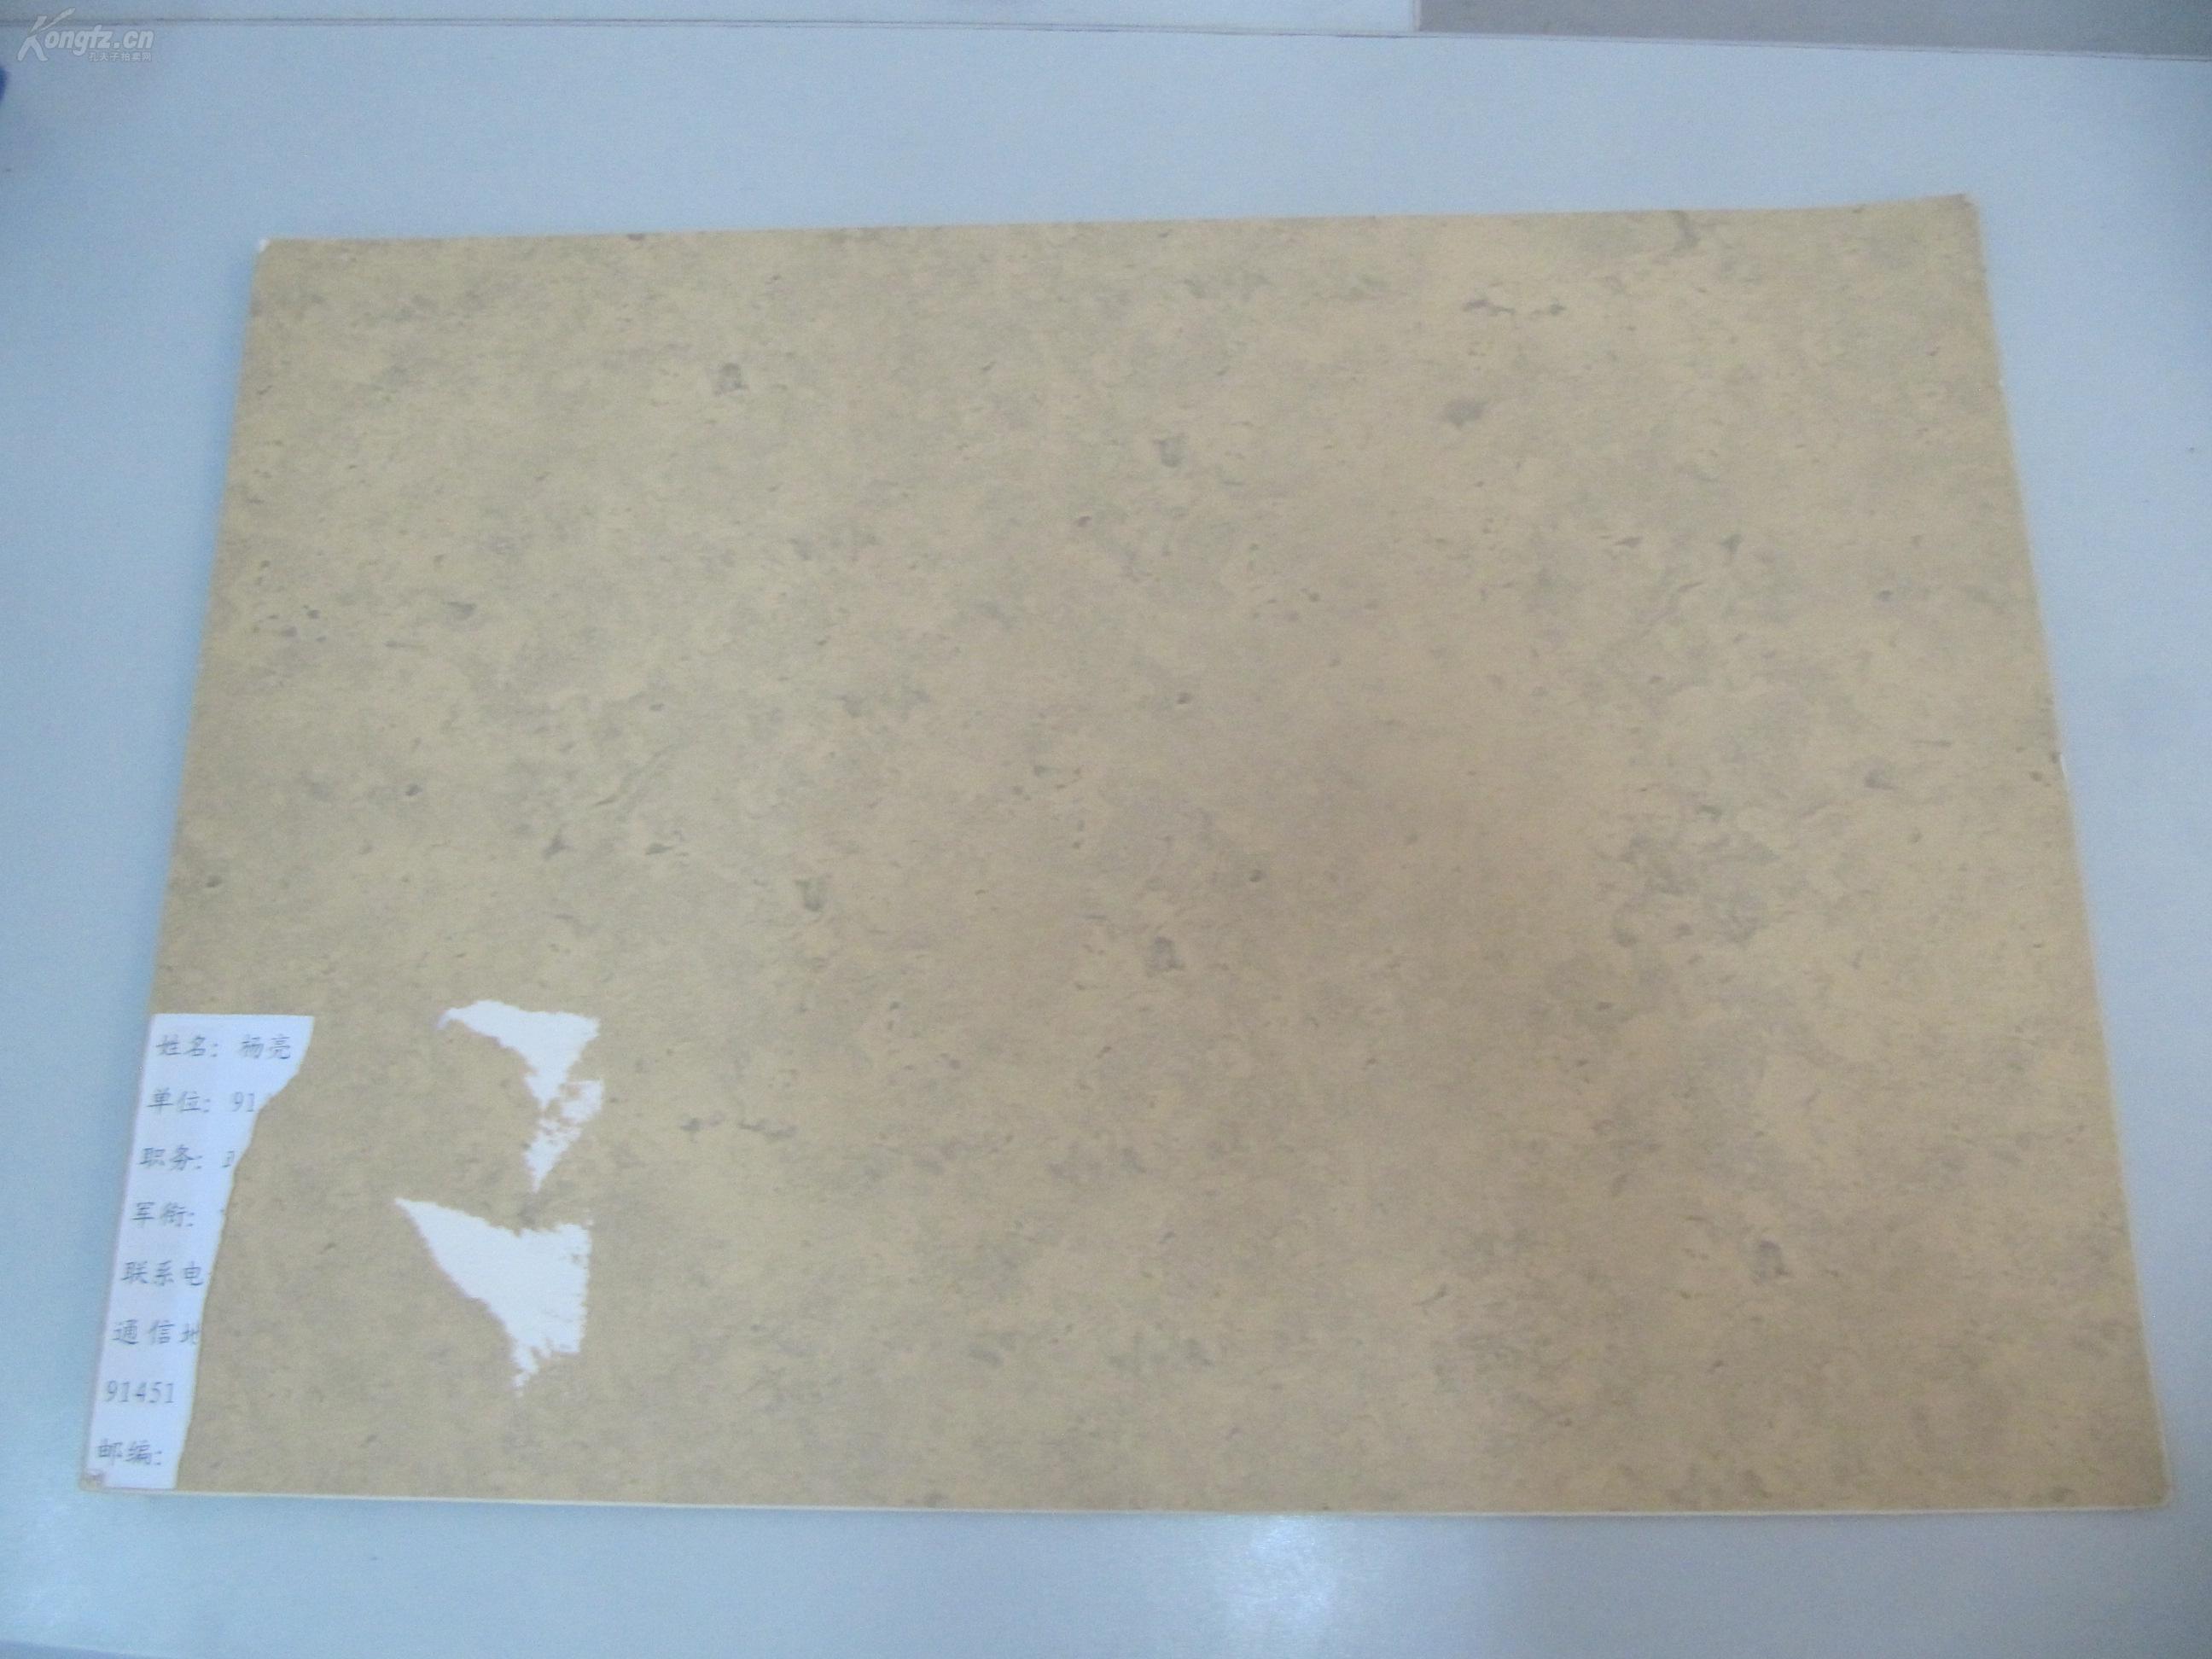 杨亮 军旅摄影照片一张 专注 尺寸25 20厘米